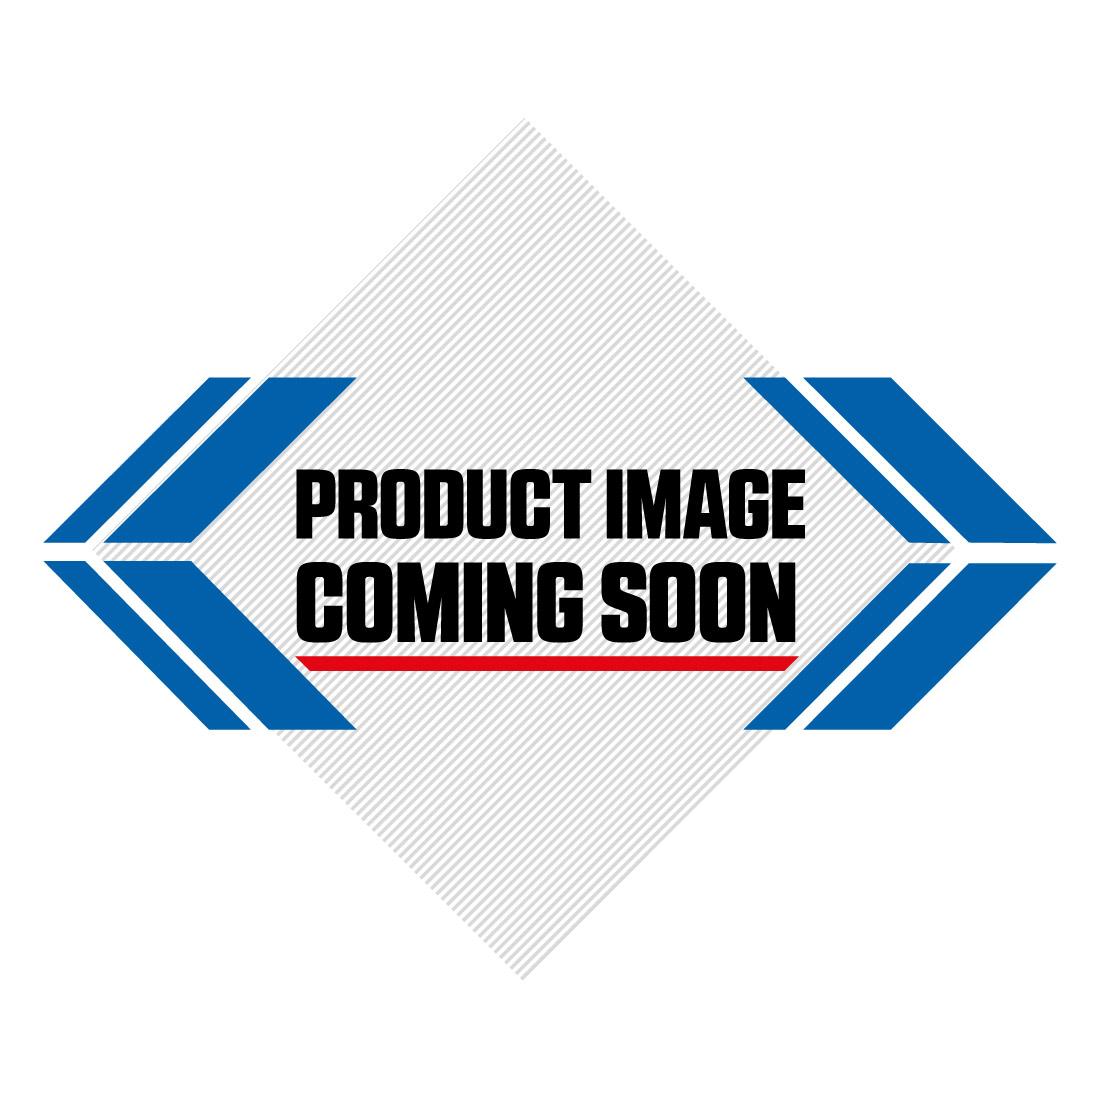 UFO KTM Plastic Kit OEM Factory (2017) Image-2>